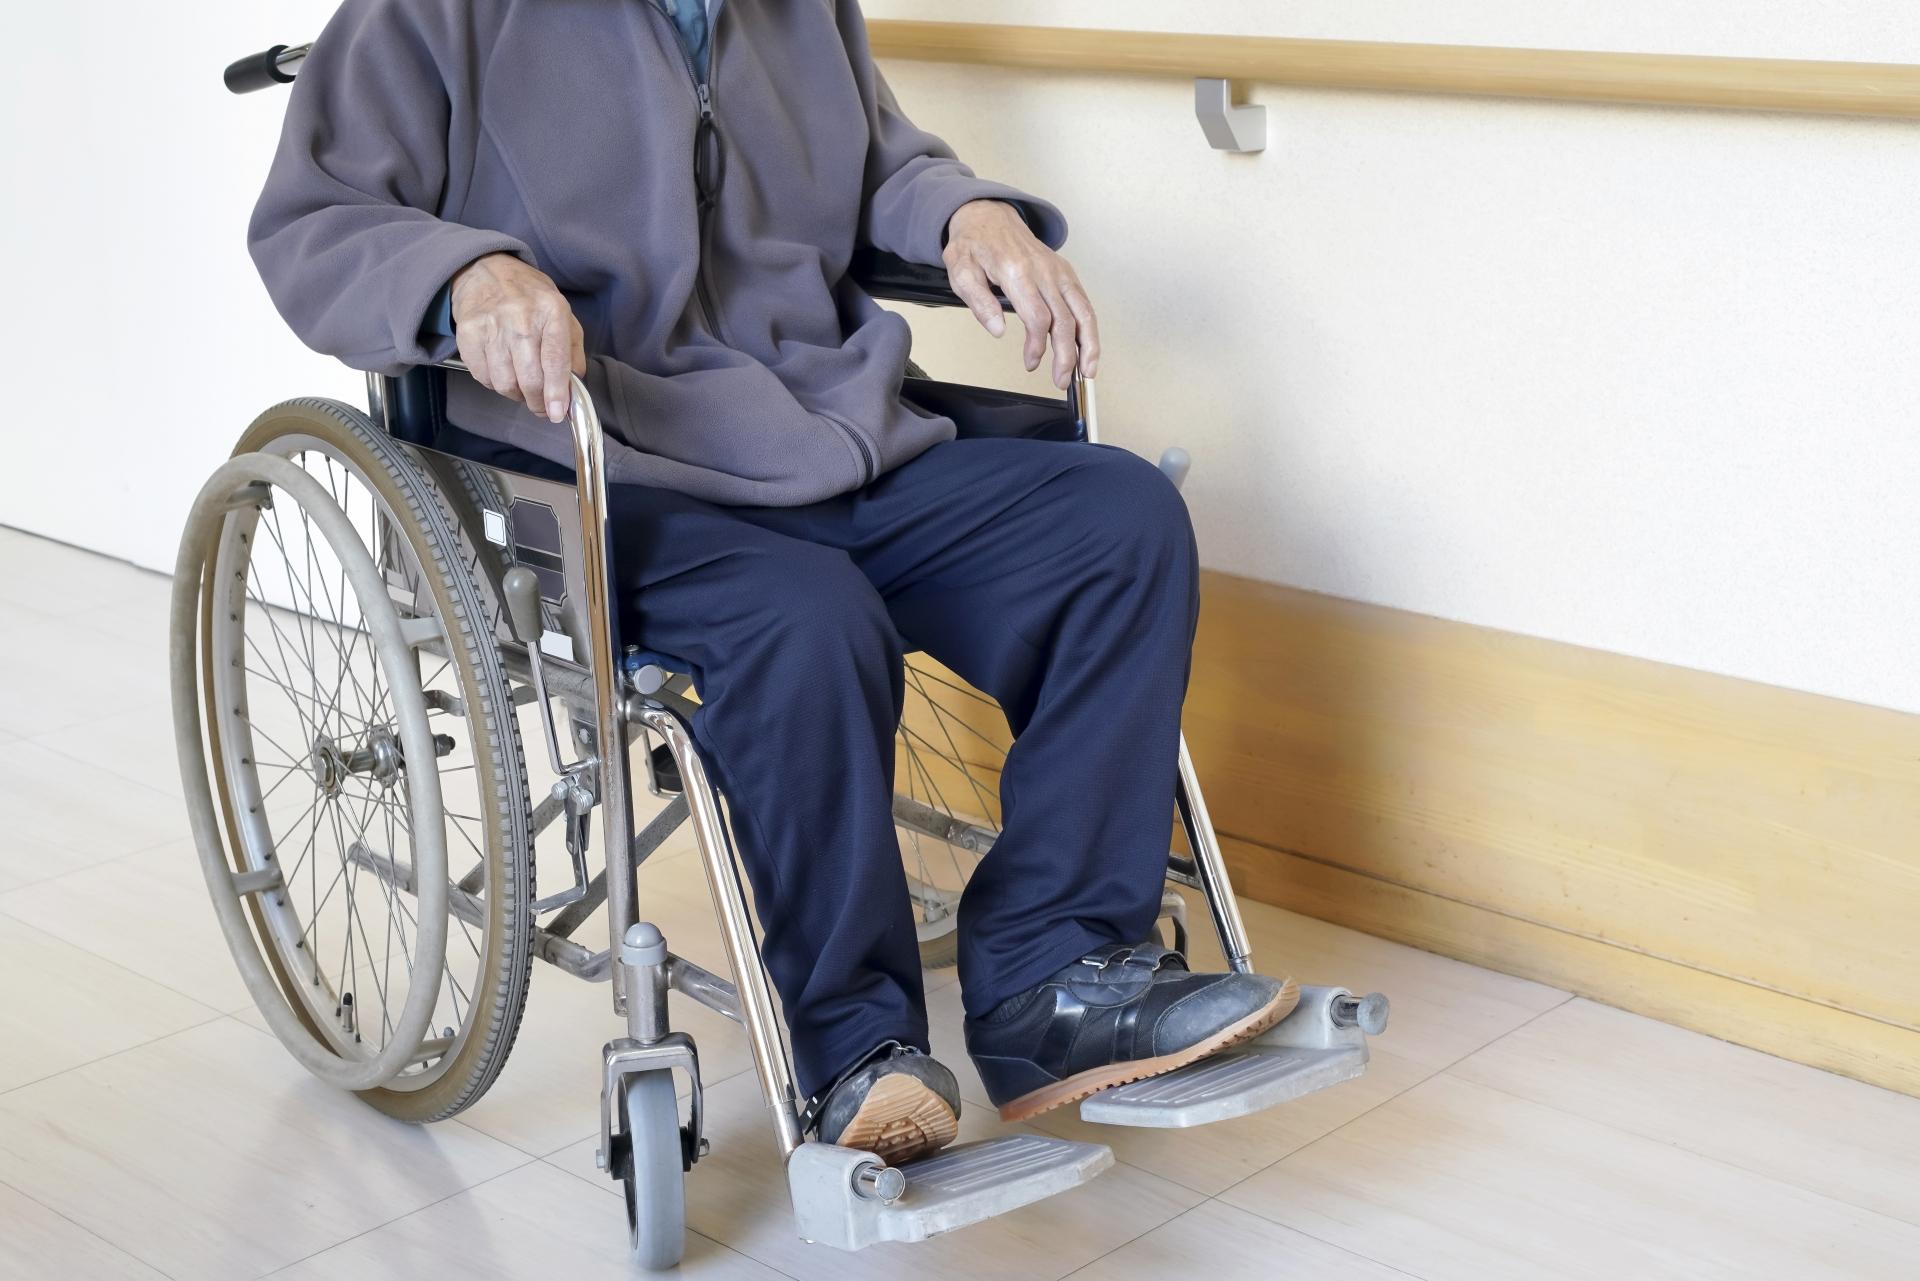 〈後期高齢者医療〉76歳歯科健診(歯(し)あわせ健診)を受けましょう。 佐賀県嬉野市 市報うれしの2019年6月号